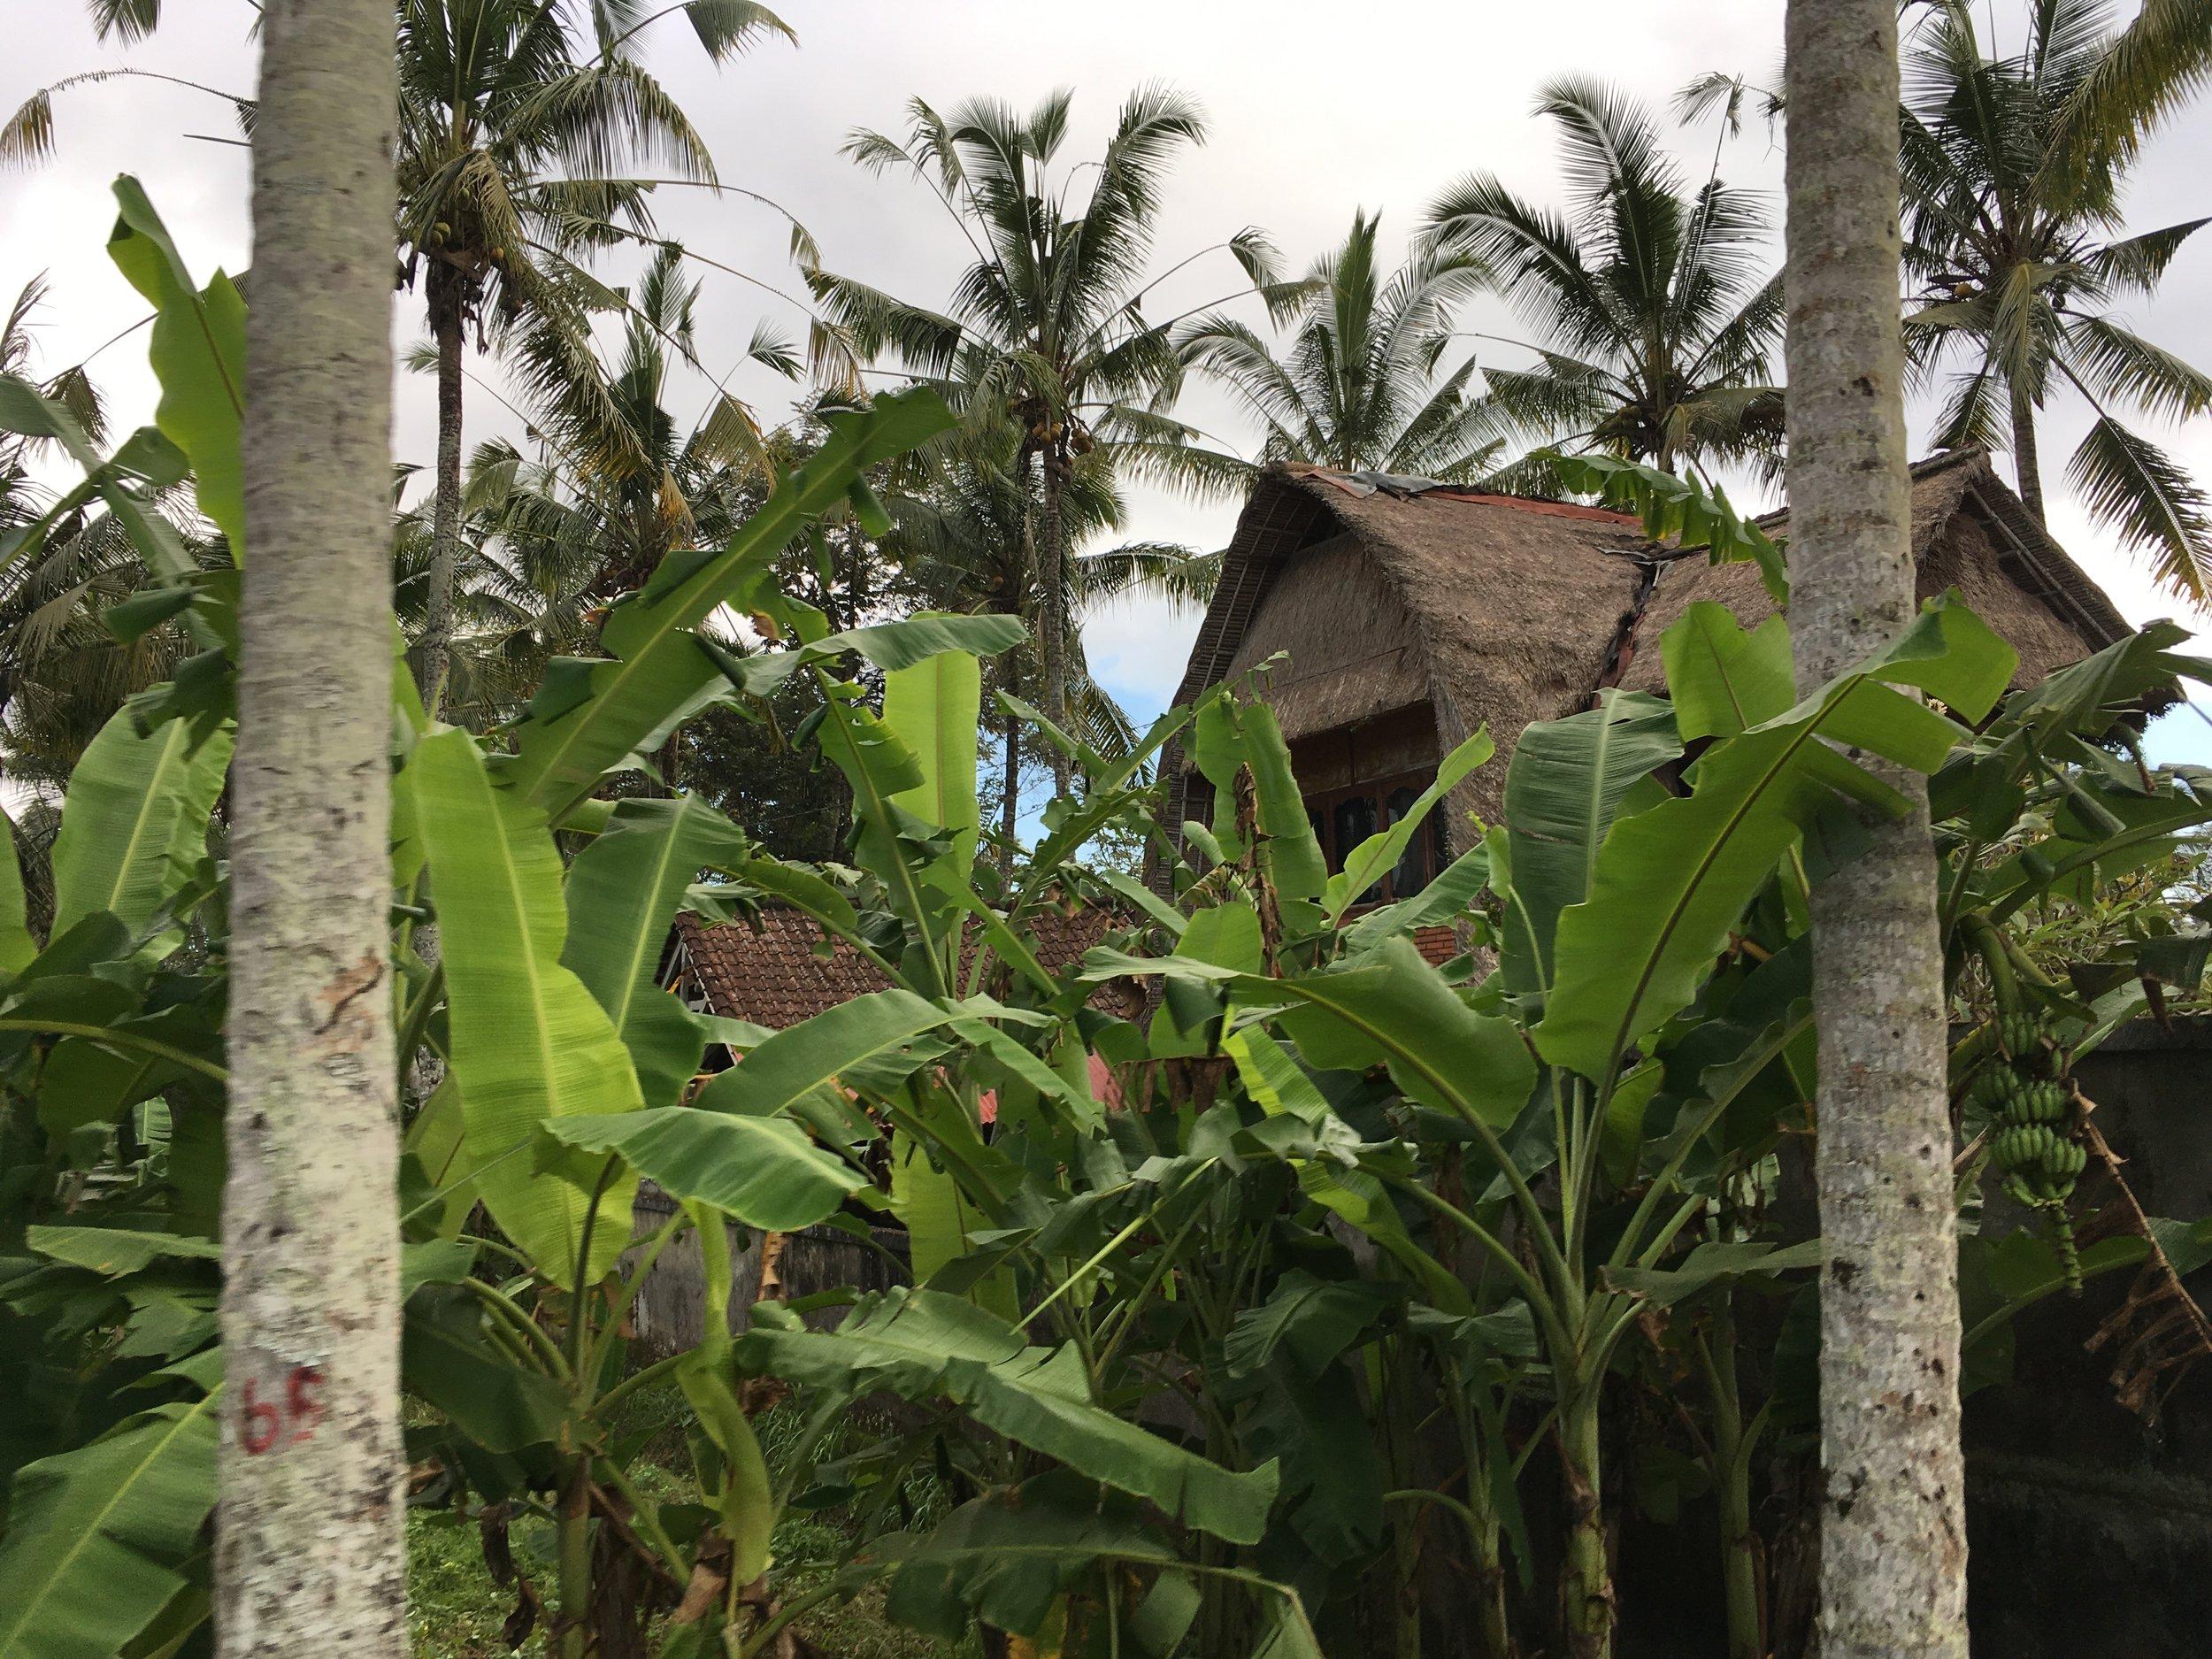 A photo of Bali, taken on the bike